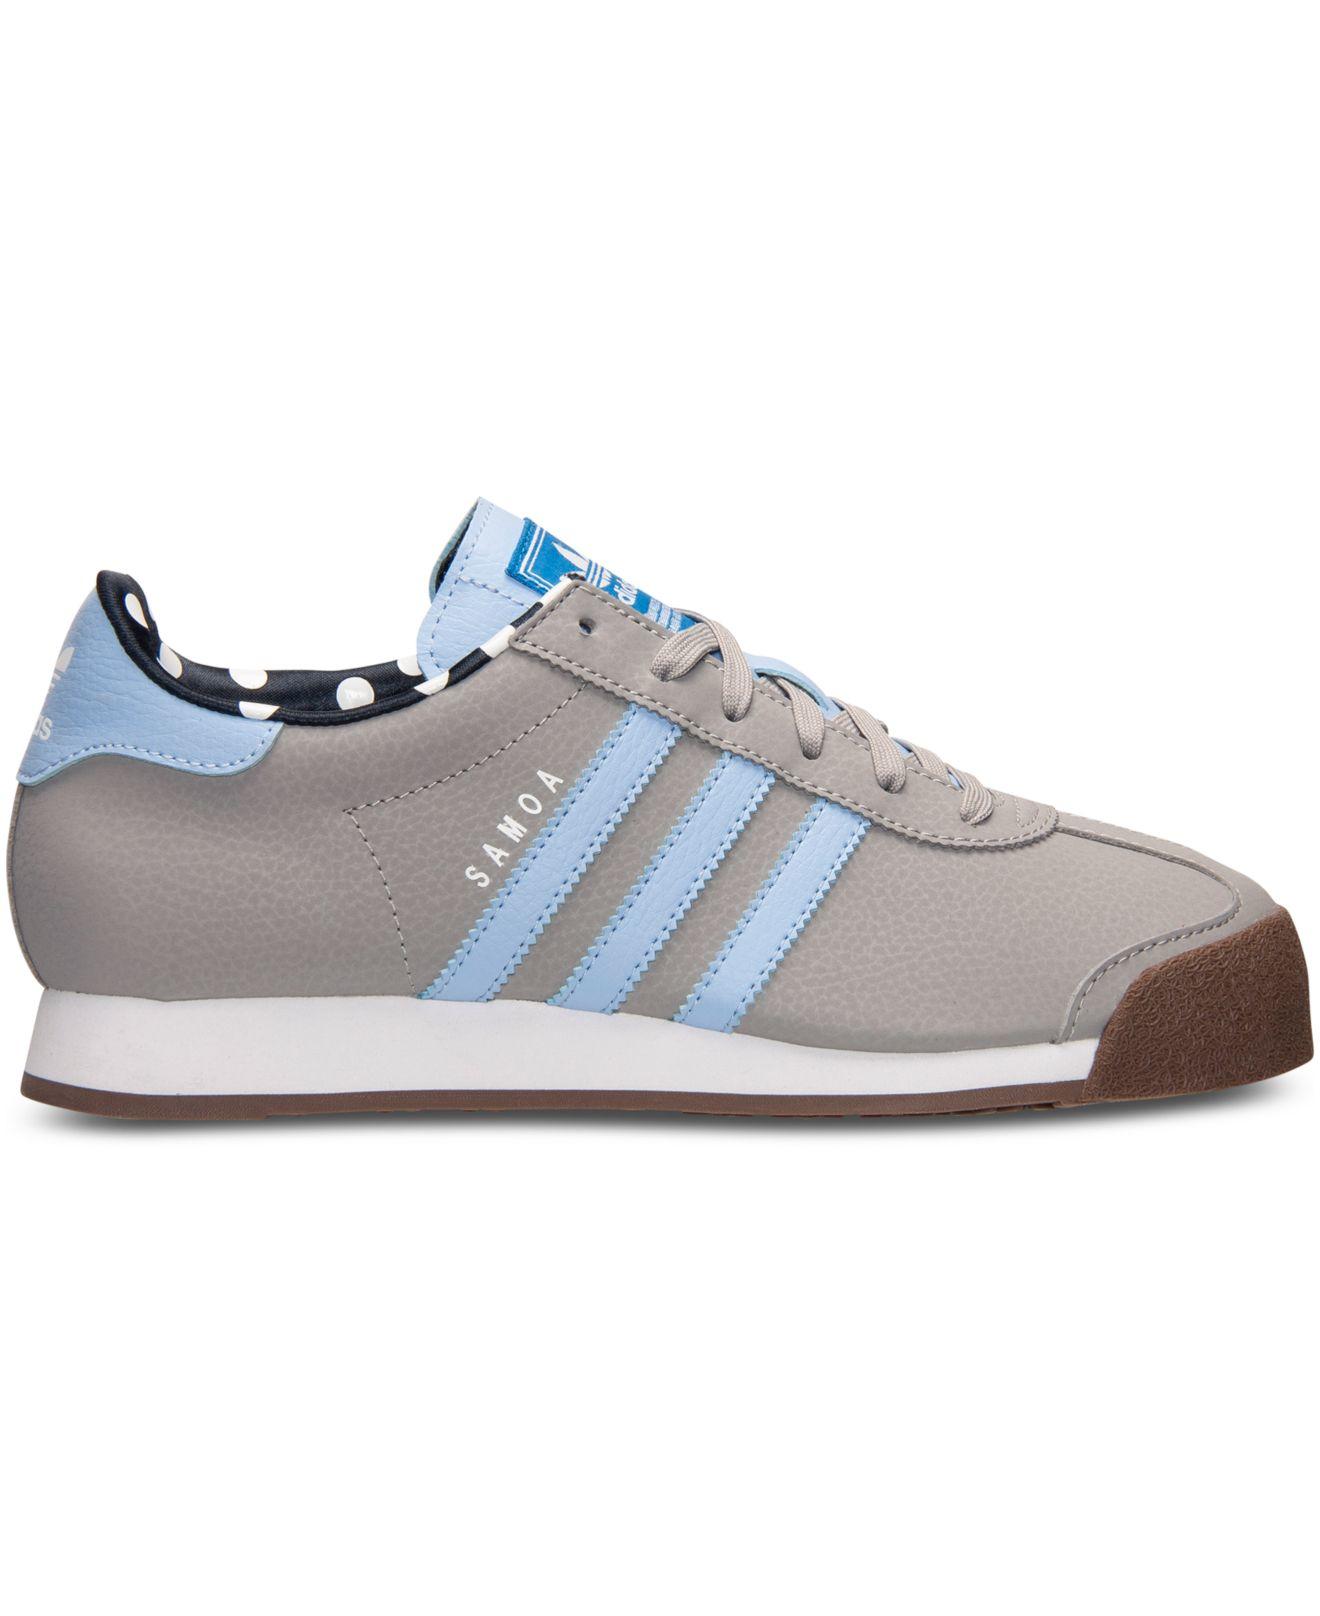 Adidas Toe Shoes Finish Line